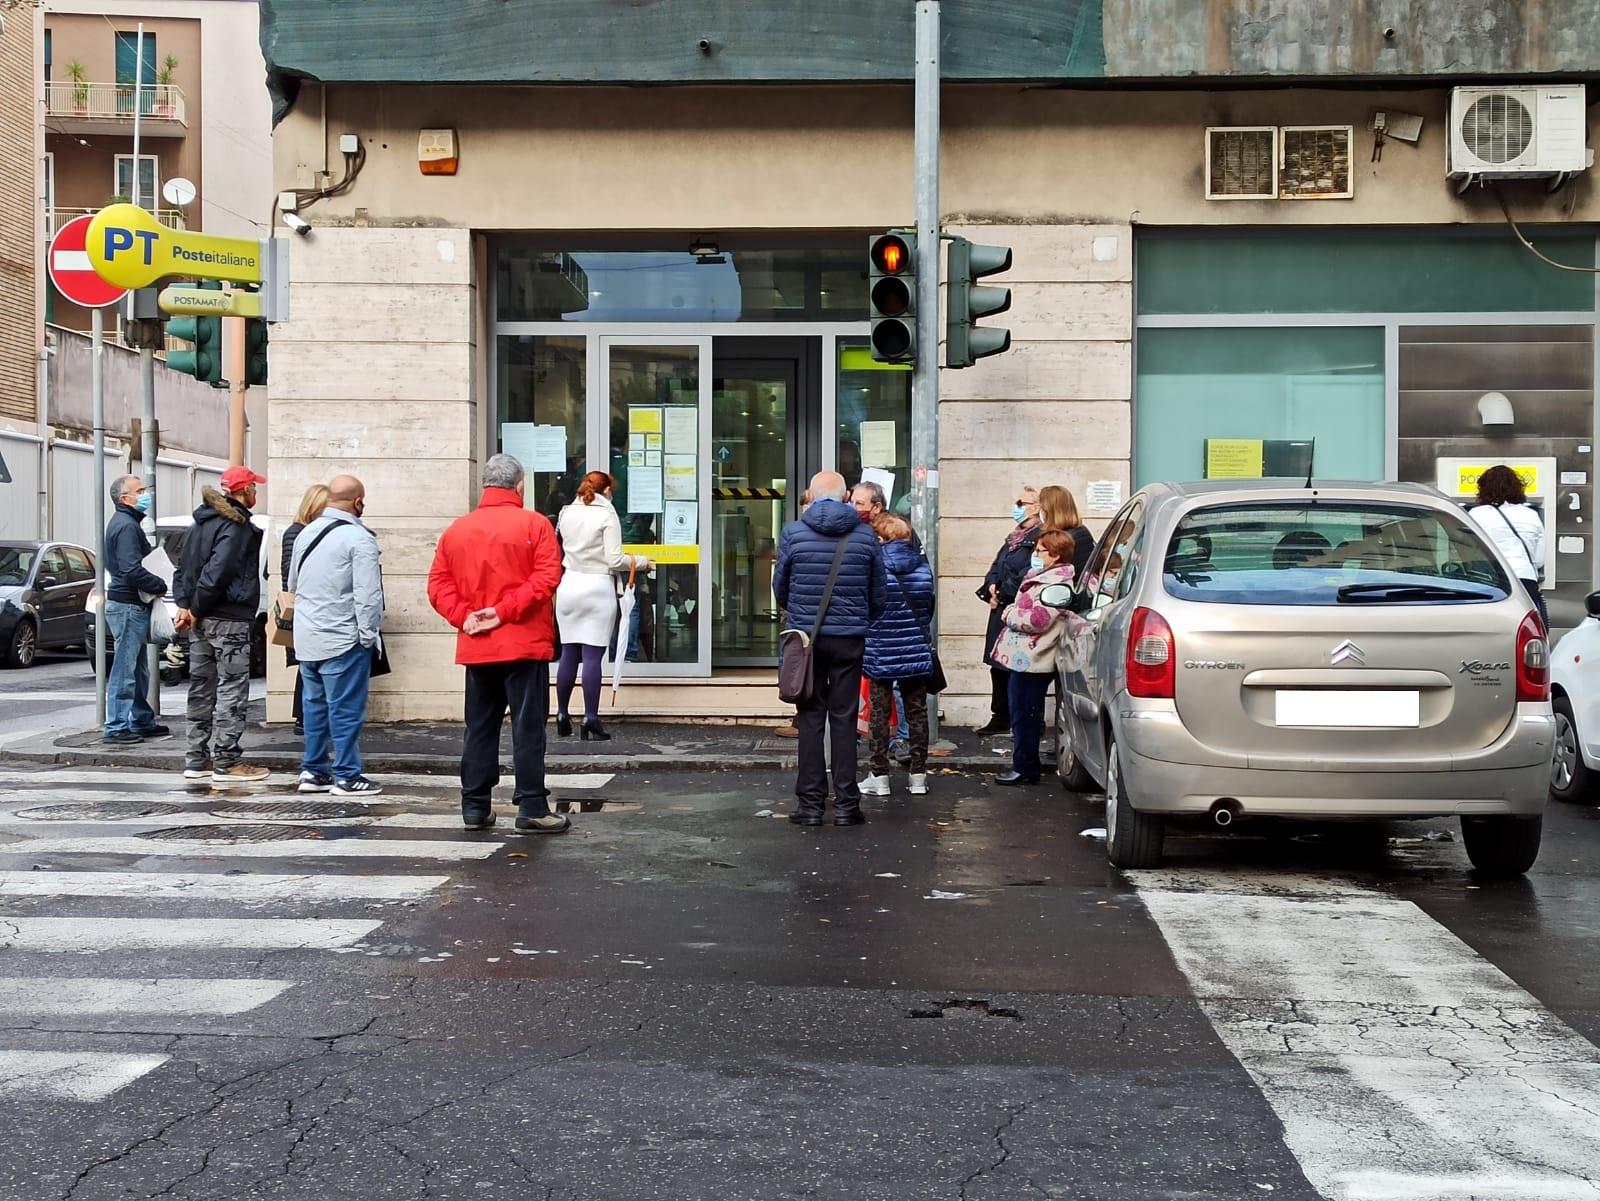 Coronavirus a Catania, oltre 20 dipendenti delle Poste positivi: più di 35 in isolamento, Ugl parla di dati allarmanti